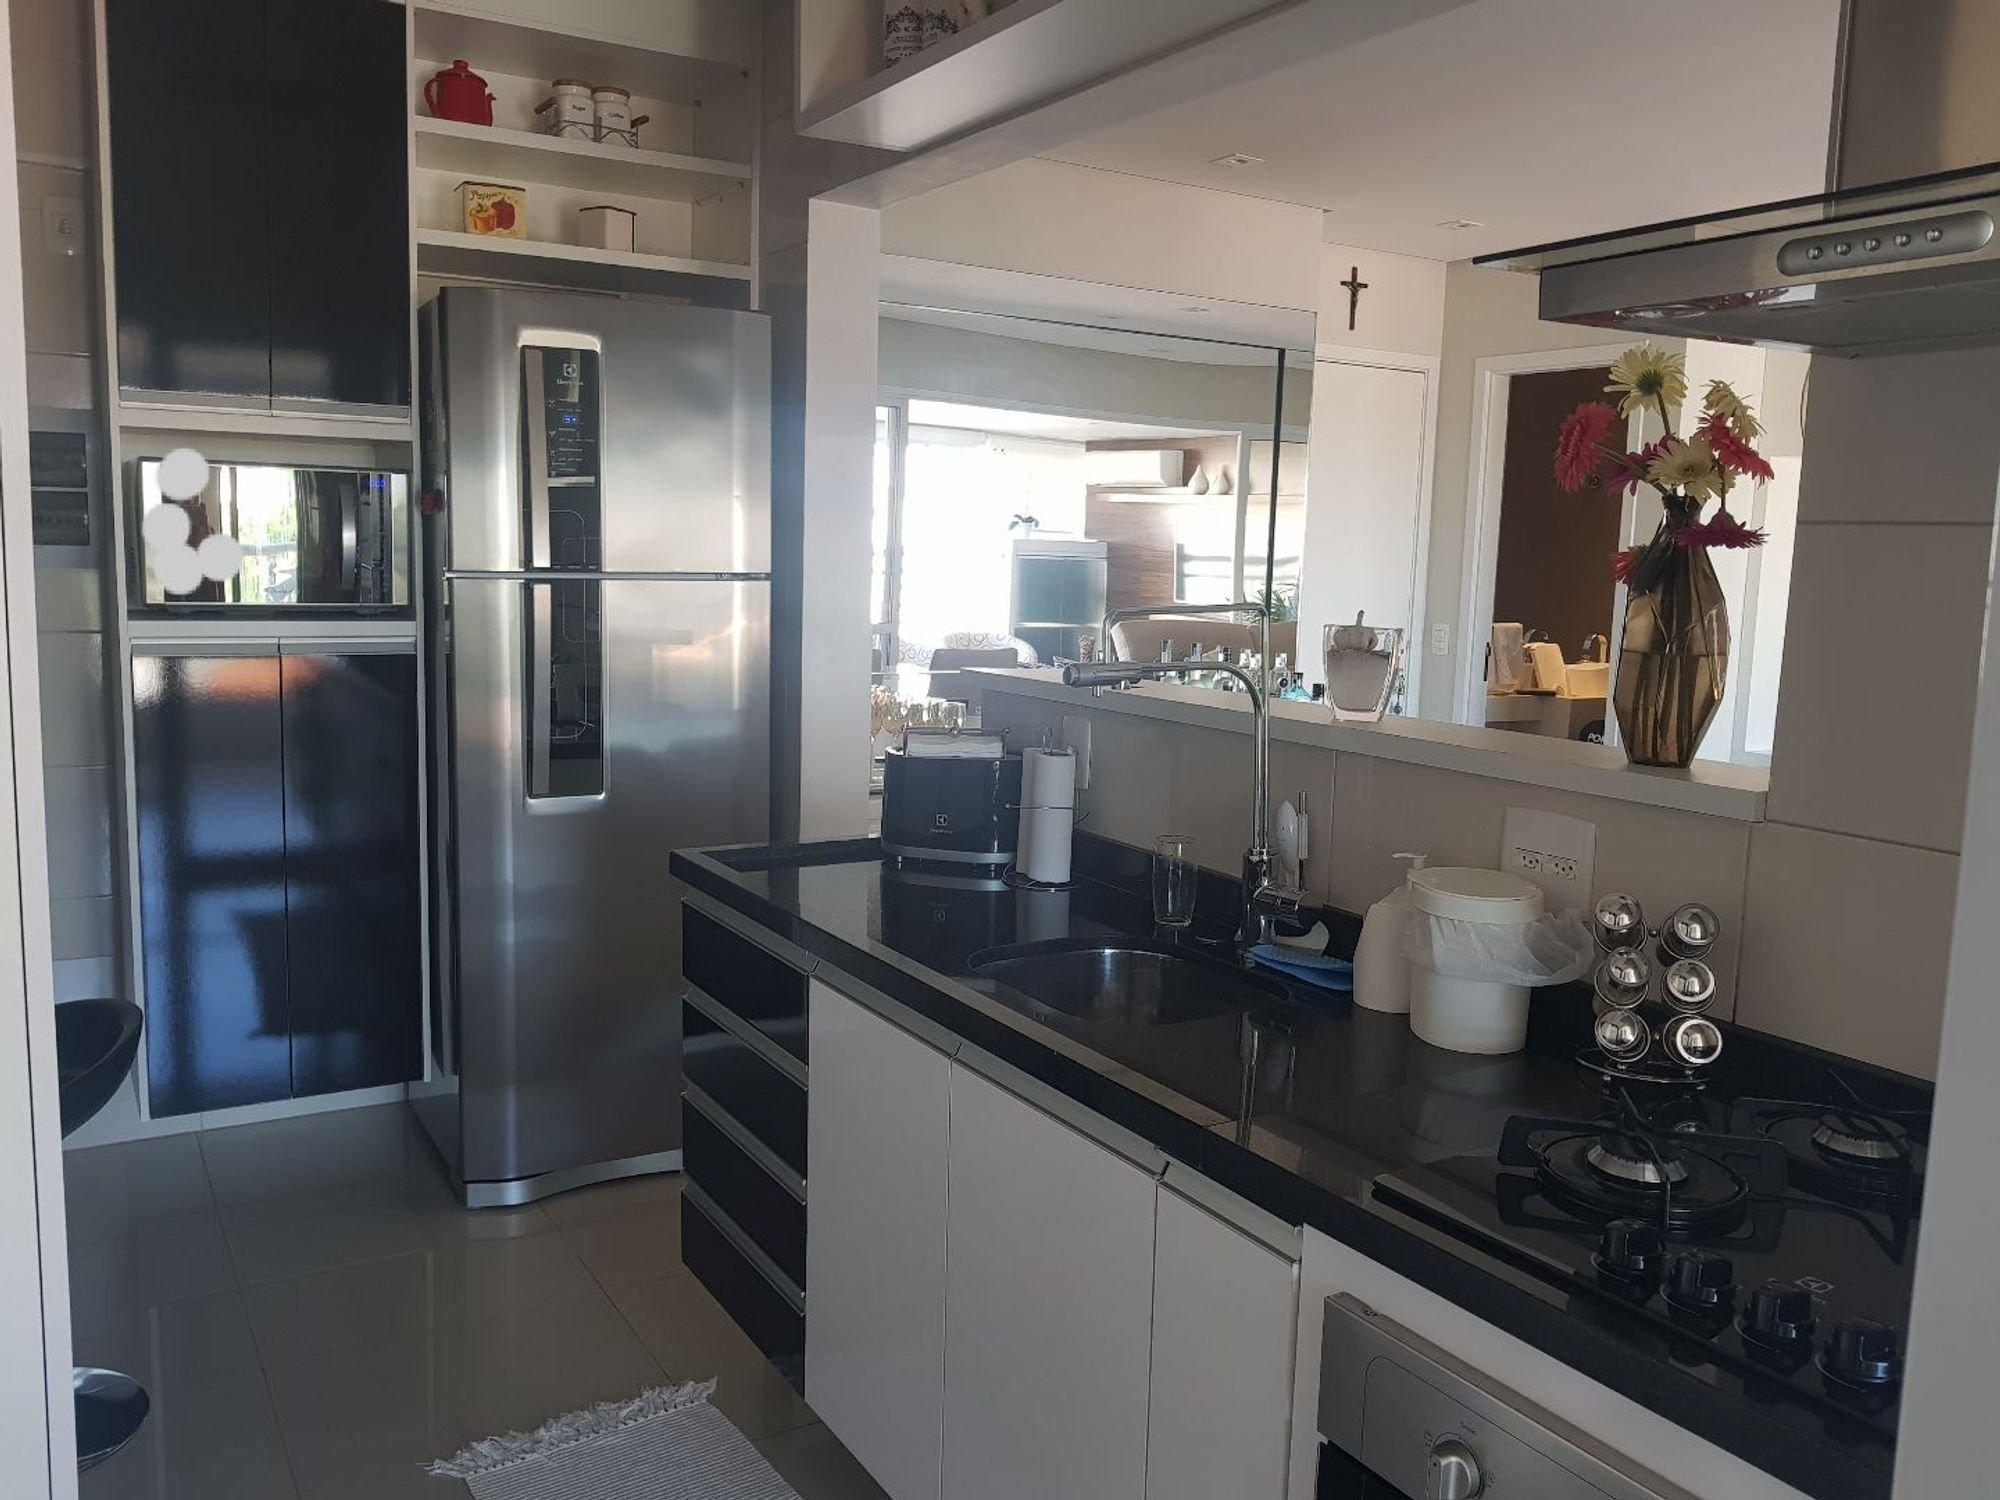 Foto de Cozinha com vaso, garrafa, forno, geladeira, pia